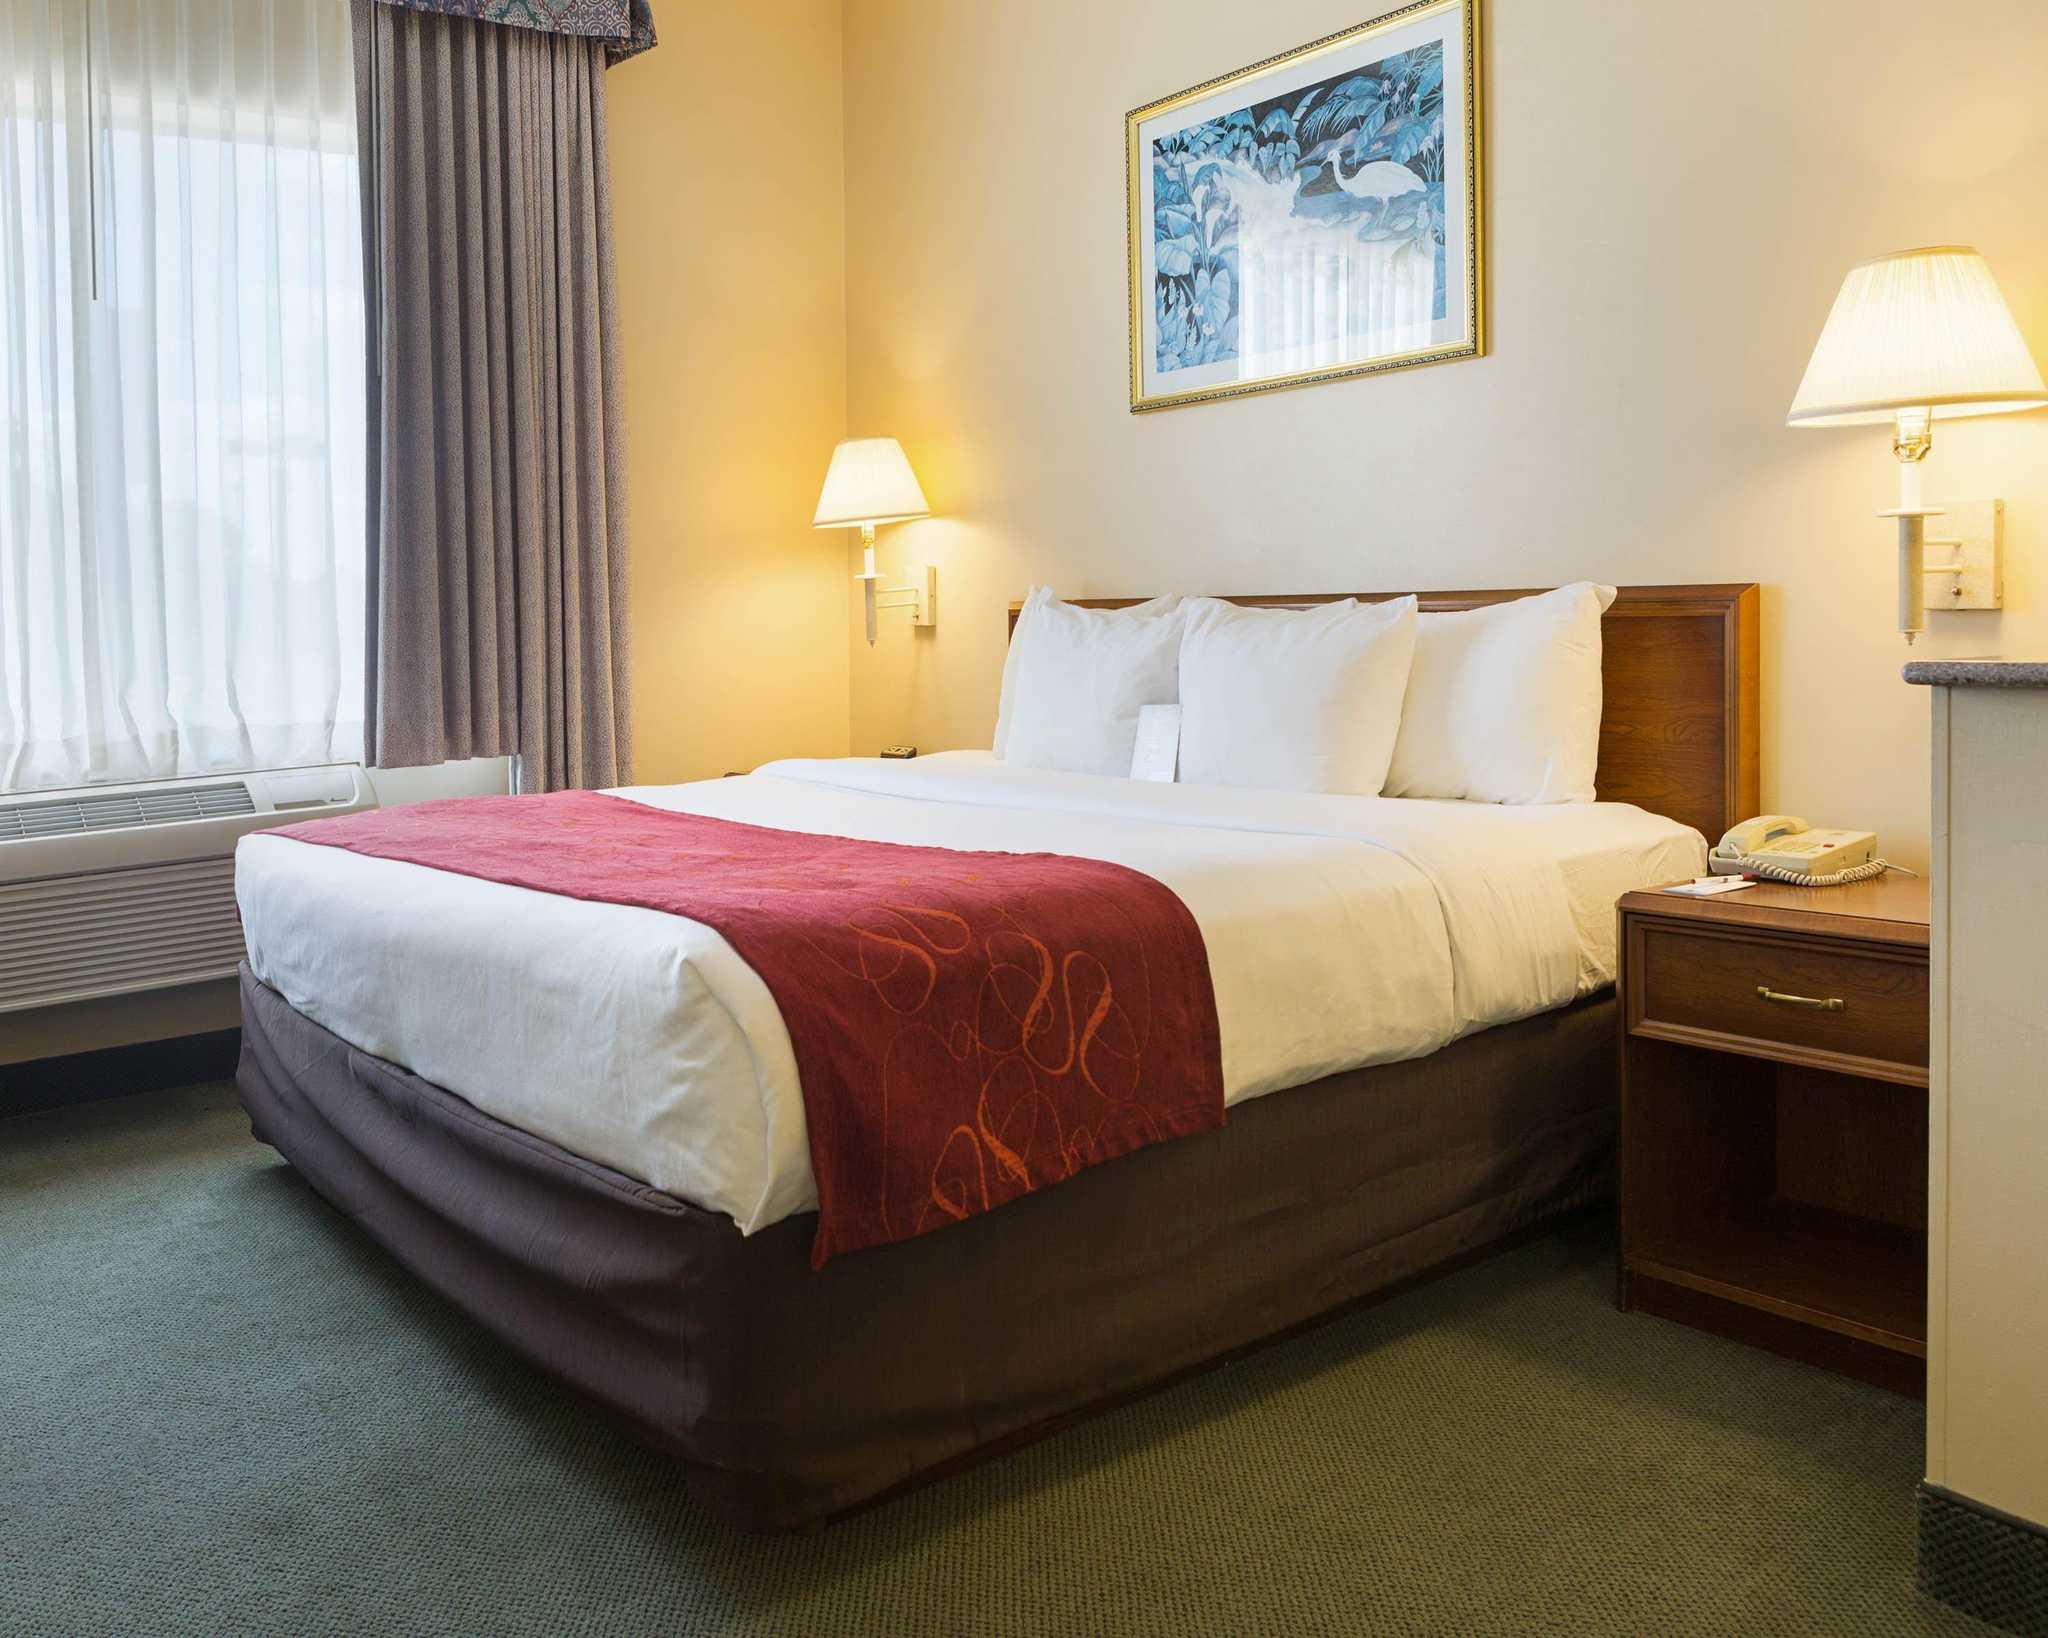 Comfort suites la porte texas tx for Comfort suites la porte tx